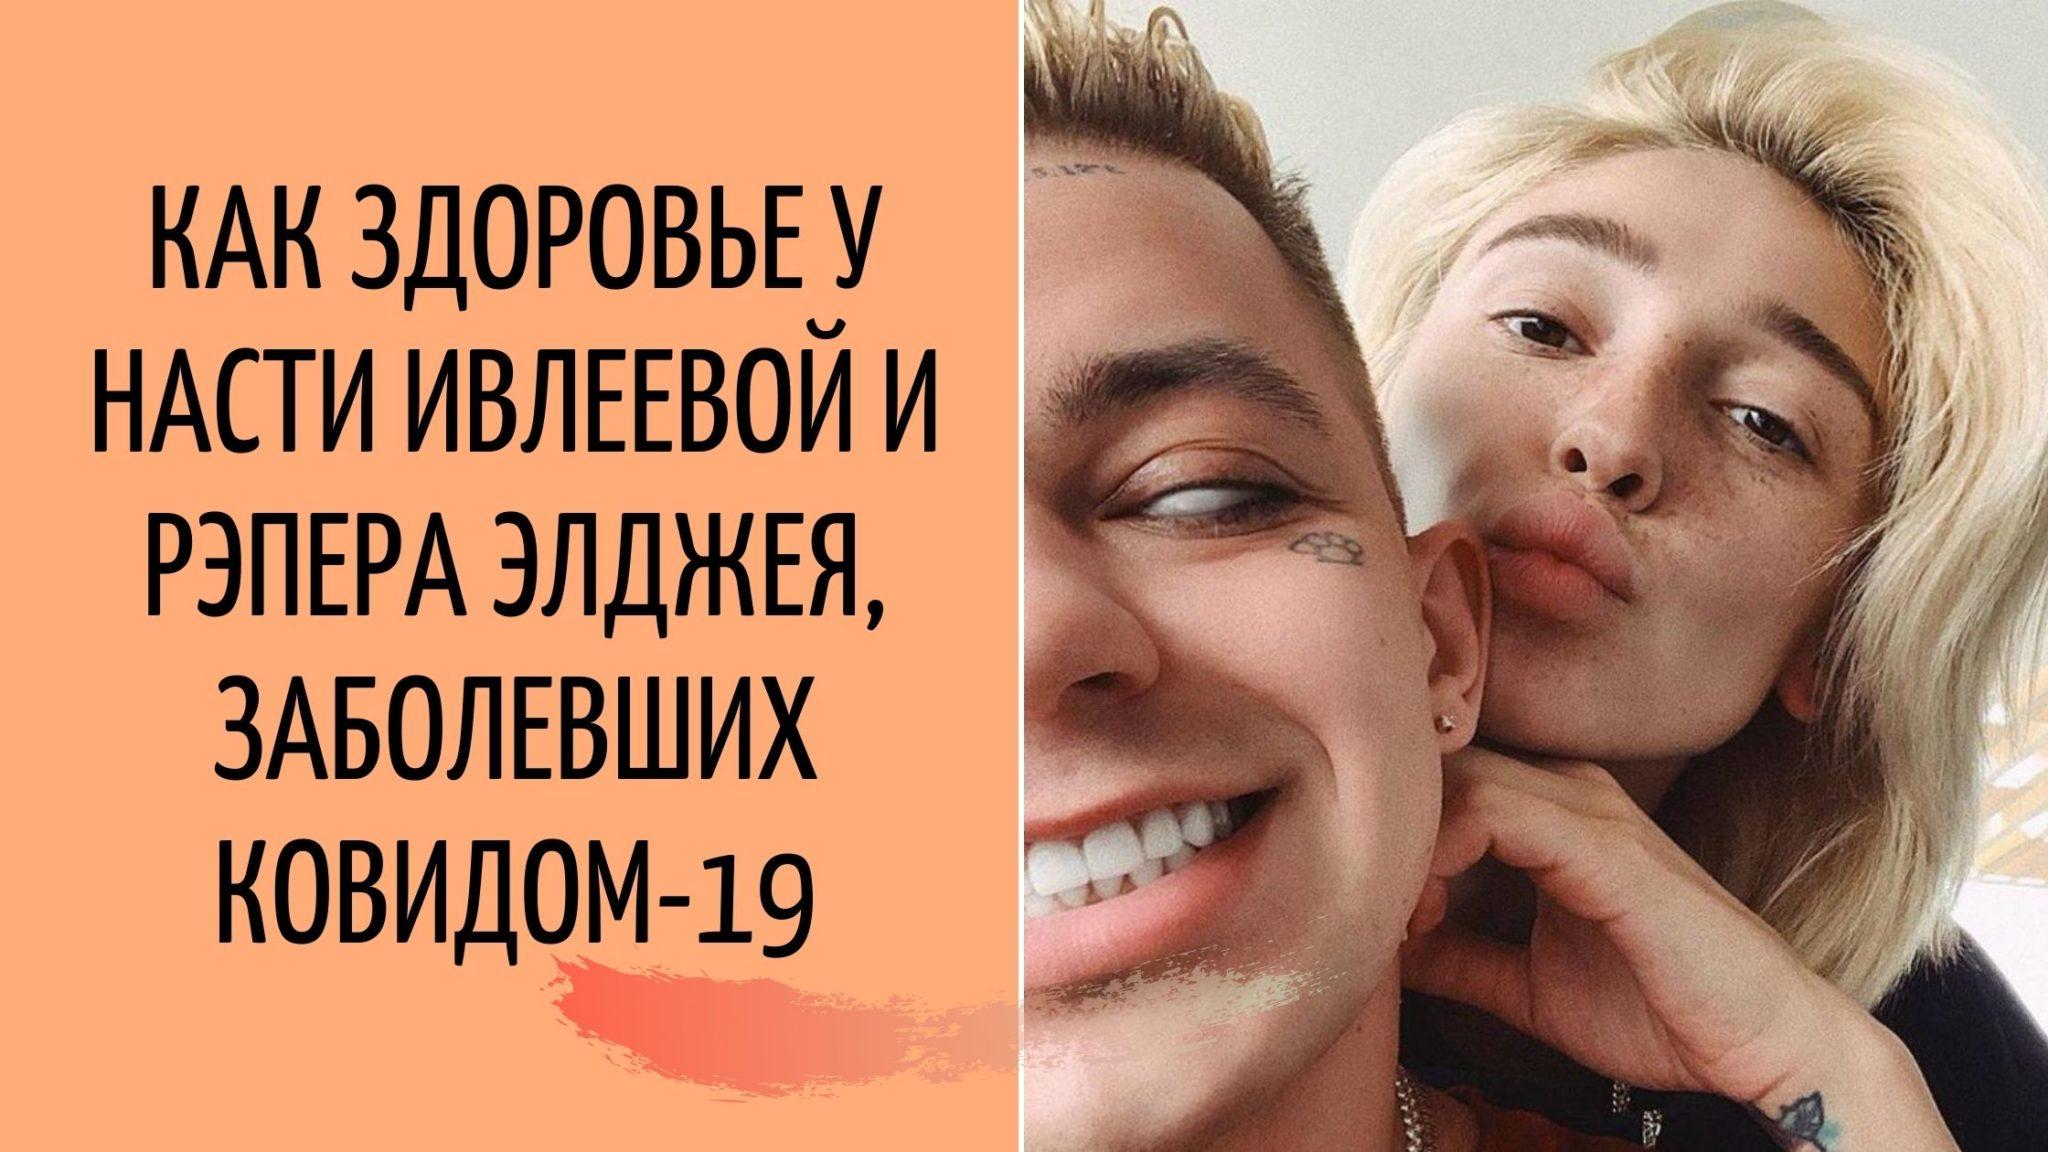 Короновирус у Ивлеевой и Элджея